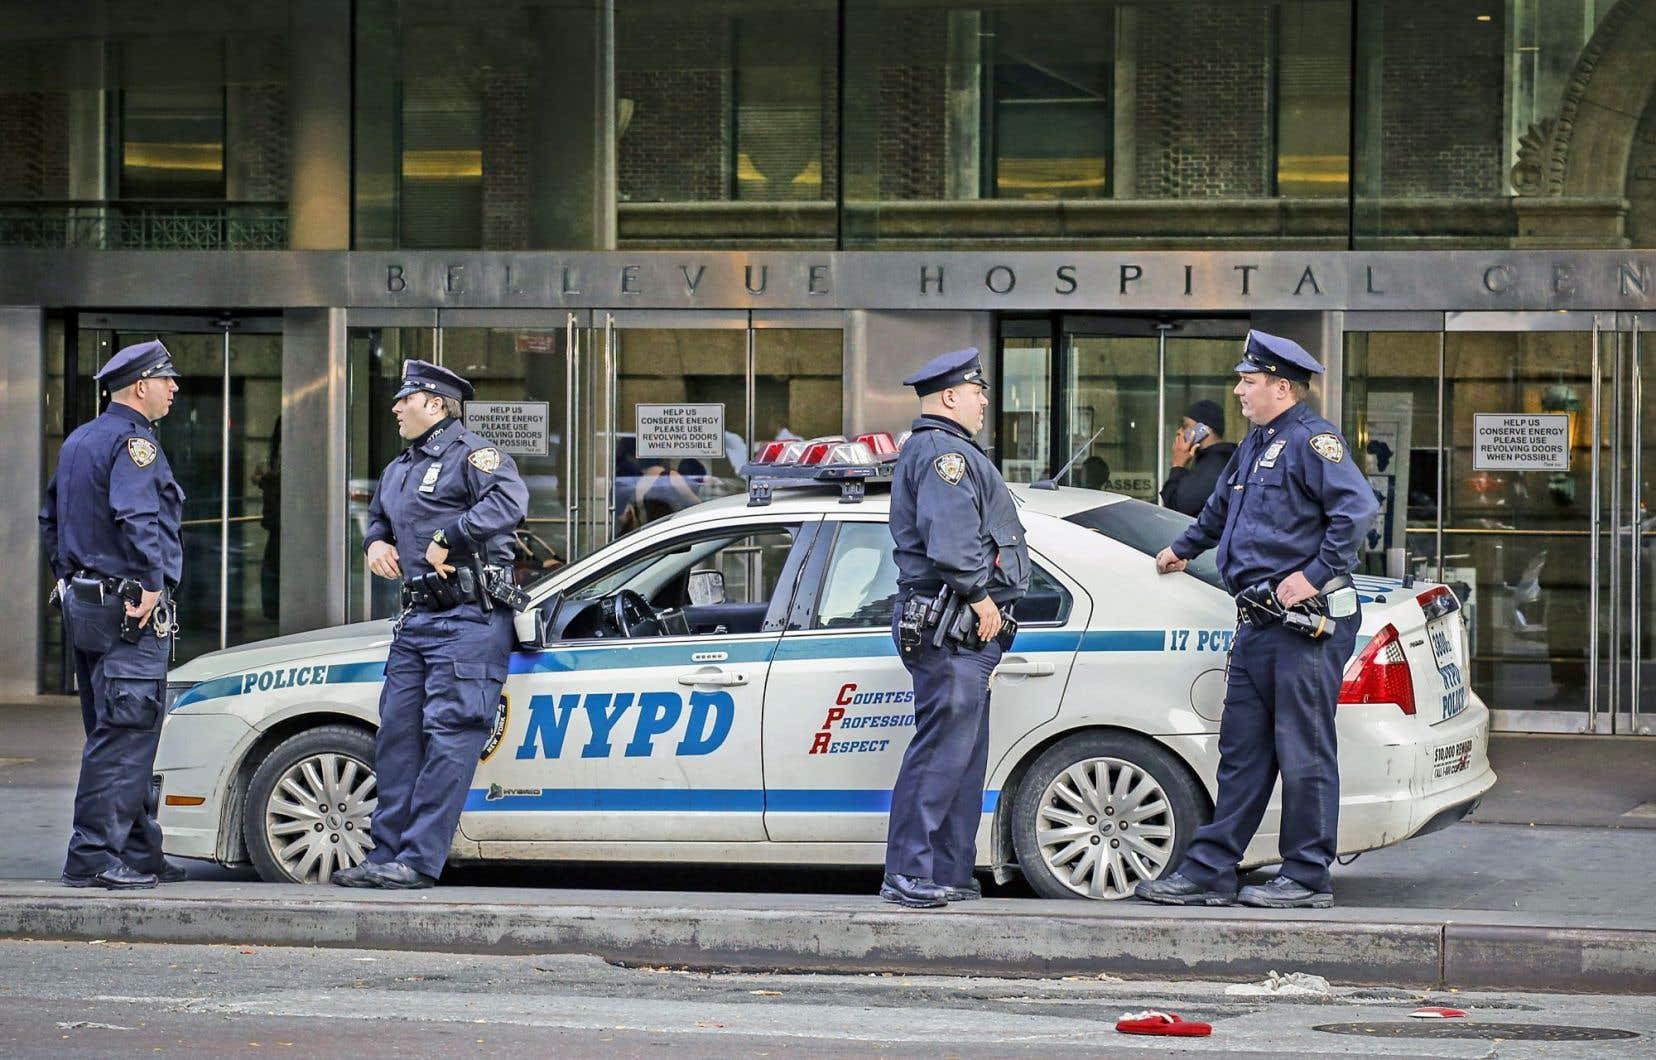 Des policiers montent la garde devant l'hôpital Bellevue, à New York, où est confiné le DrCraig Spencer, déclaré positif à l'Ebola 10 jours après son retour de Guinée.